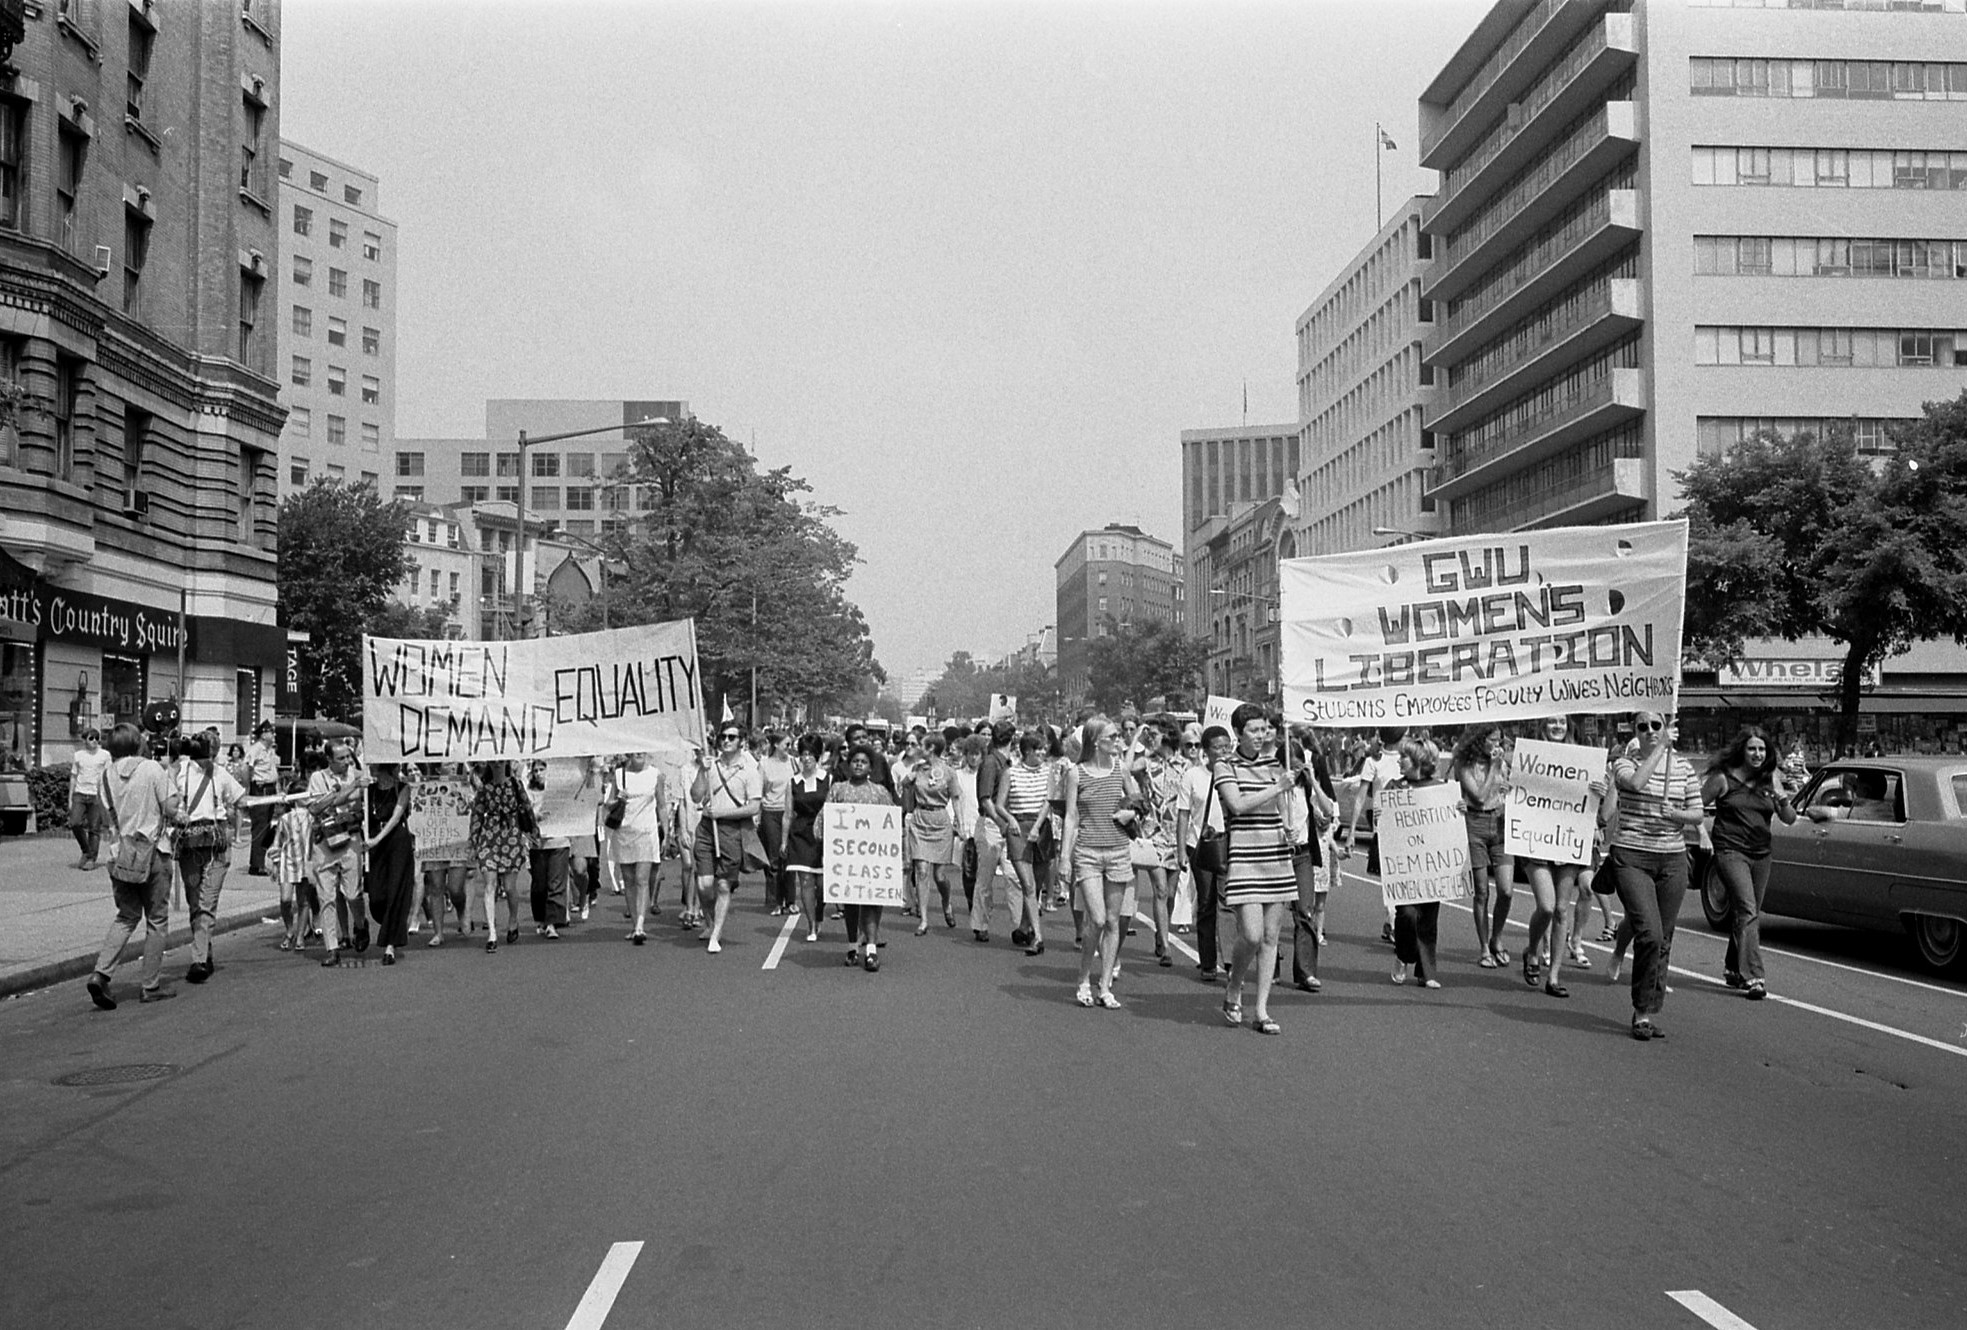 צעדת נשים בוושינגטון, 1970. צילום: Library of Congress